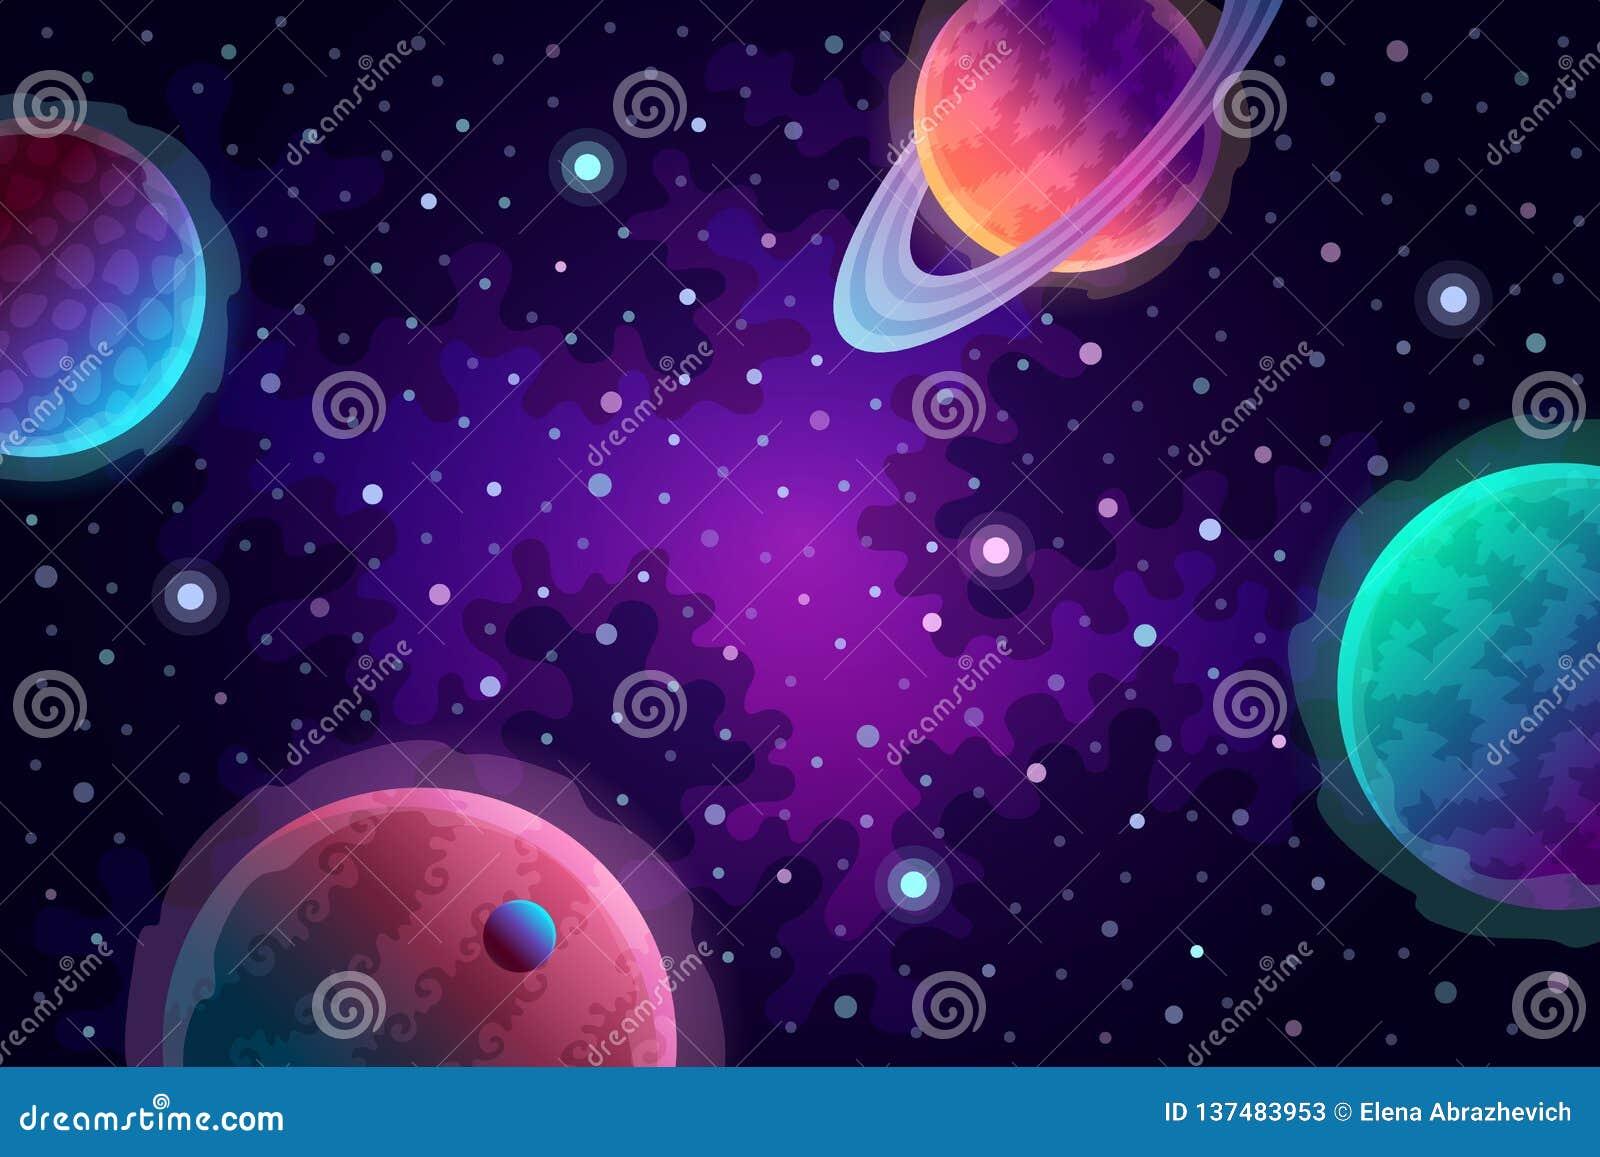 planeten und sterne im raum vektor abbildung